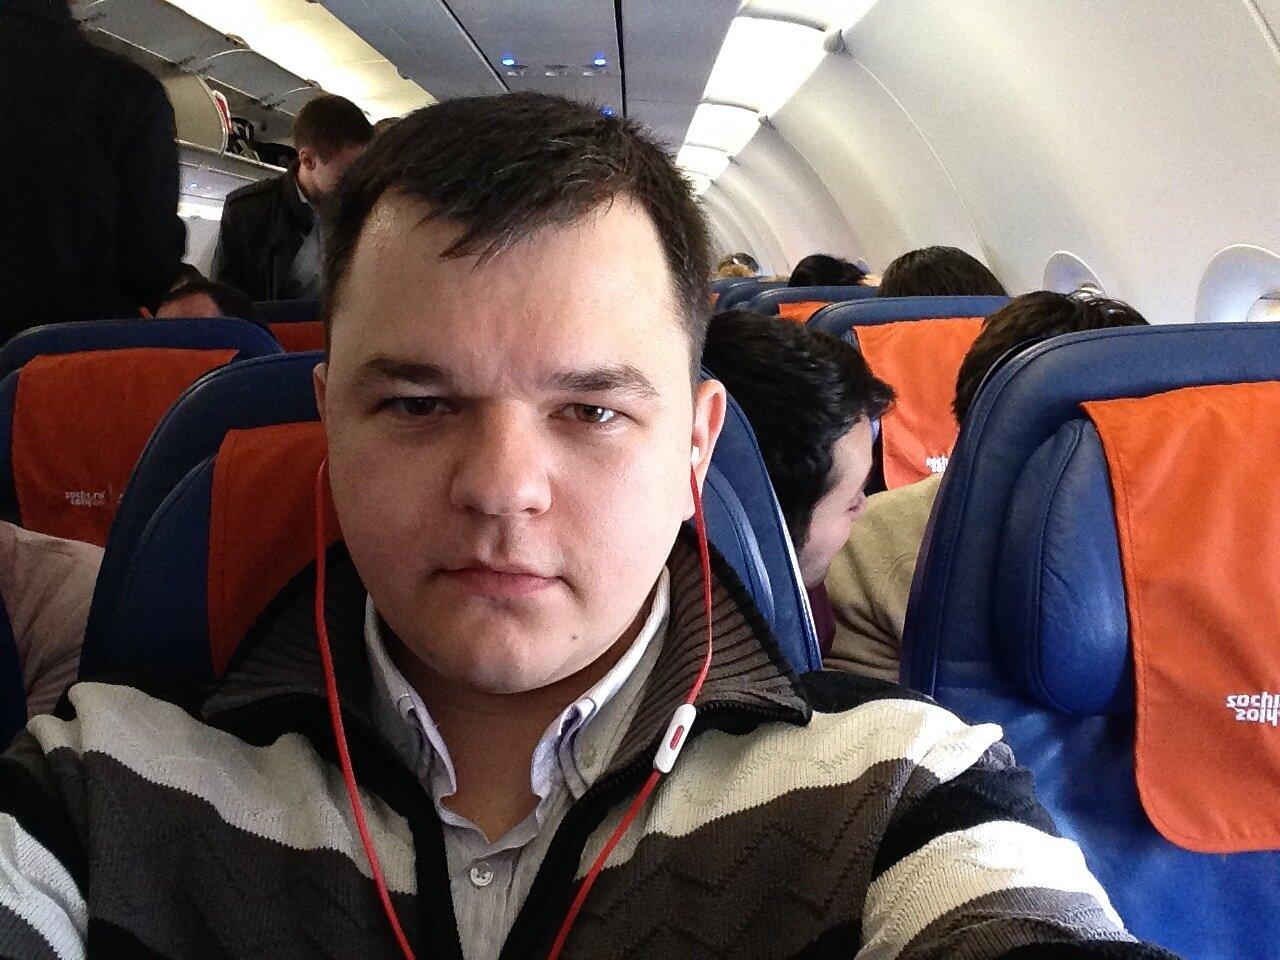 http://img-fotki.yandex.ru/get/5301/82260854.2f9/0_bc4f0_2148d867_XXXL.jpg